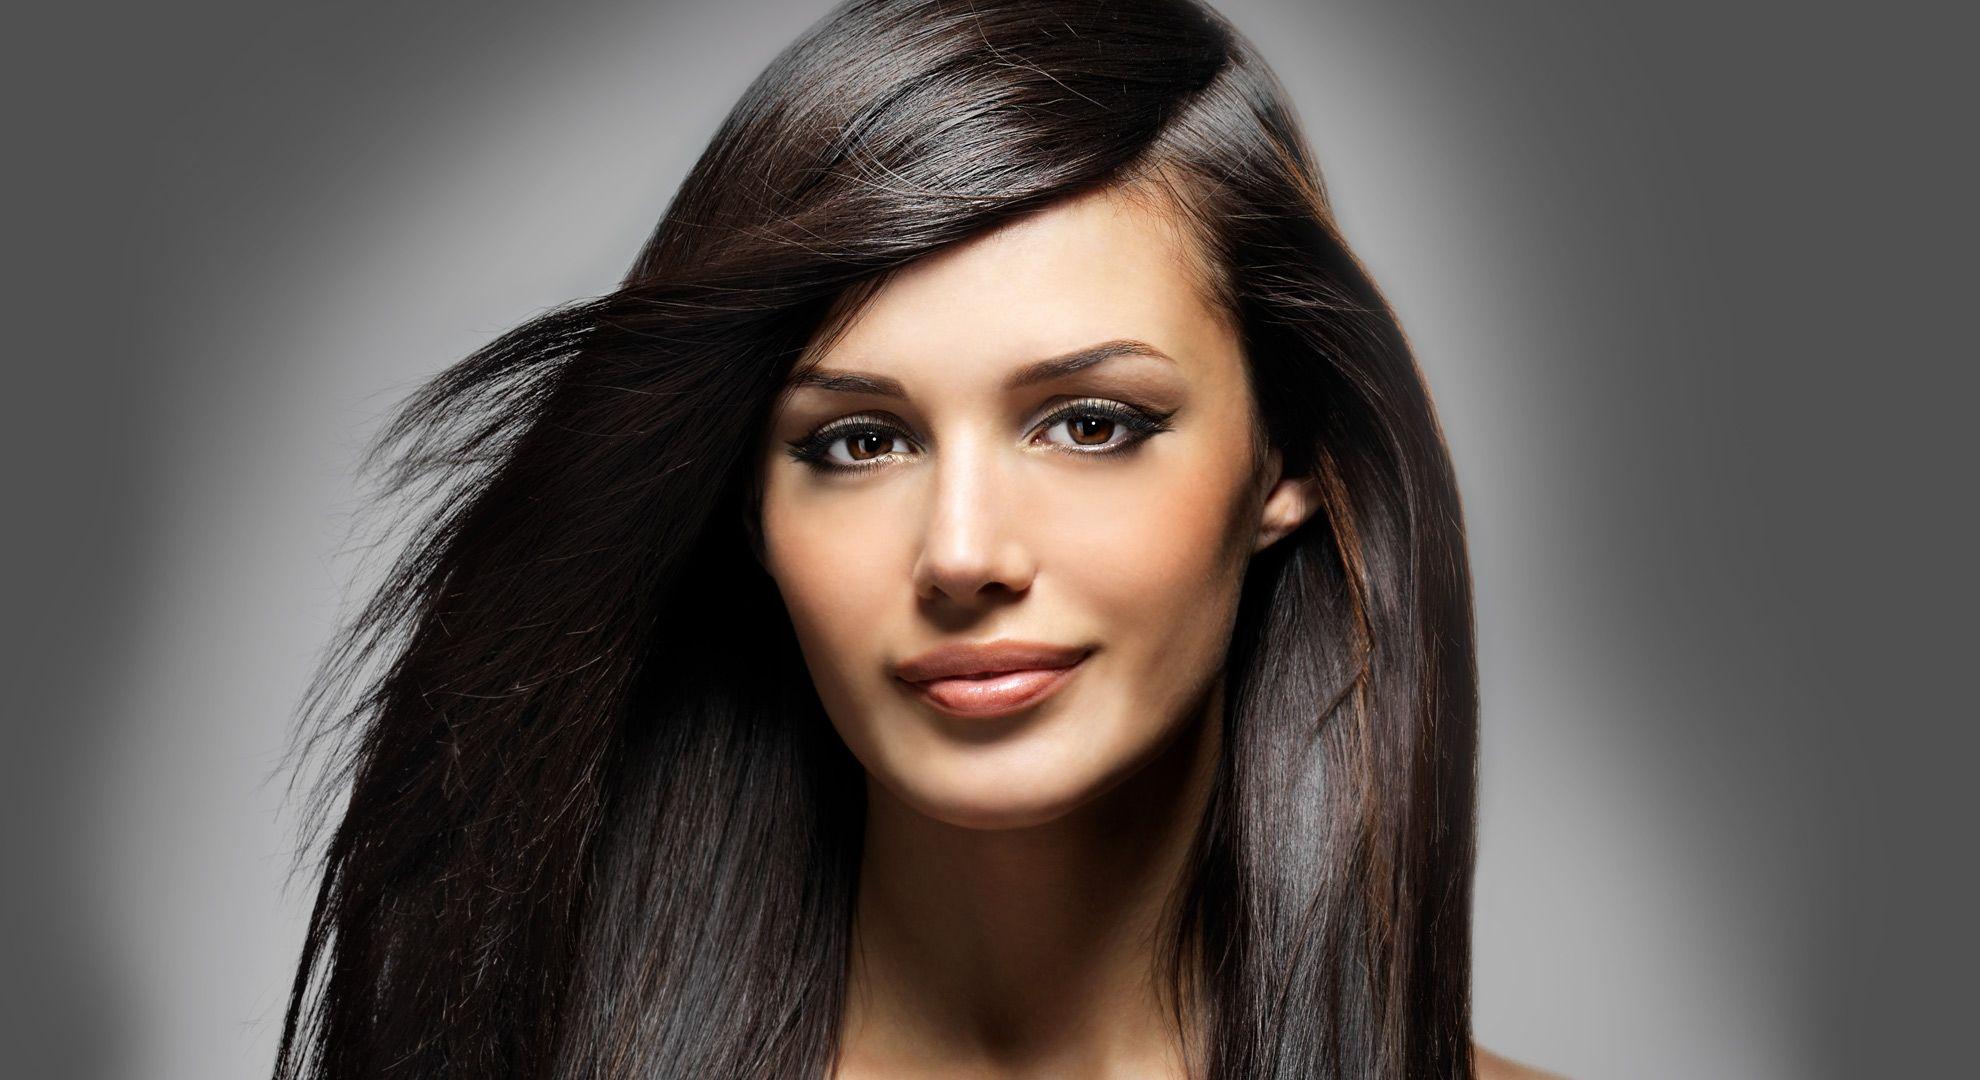 Kontakt | Eveline Cosmetics